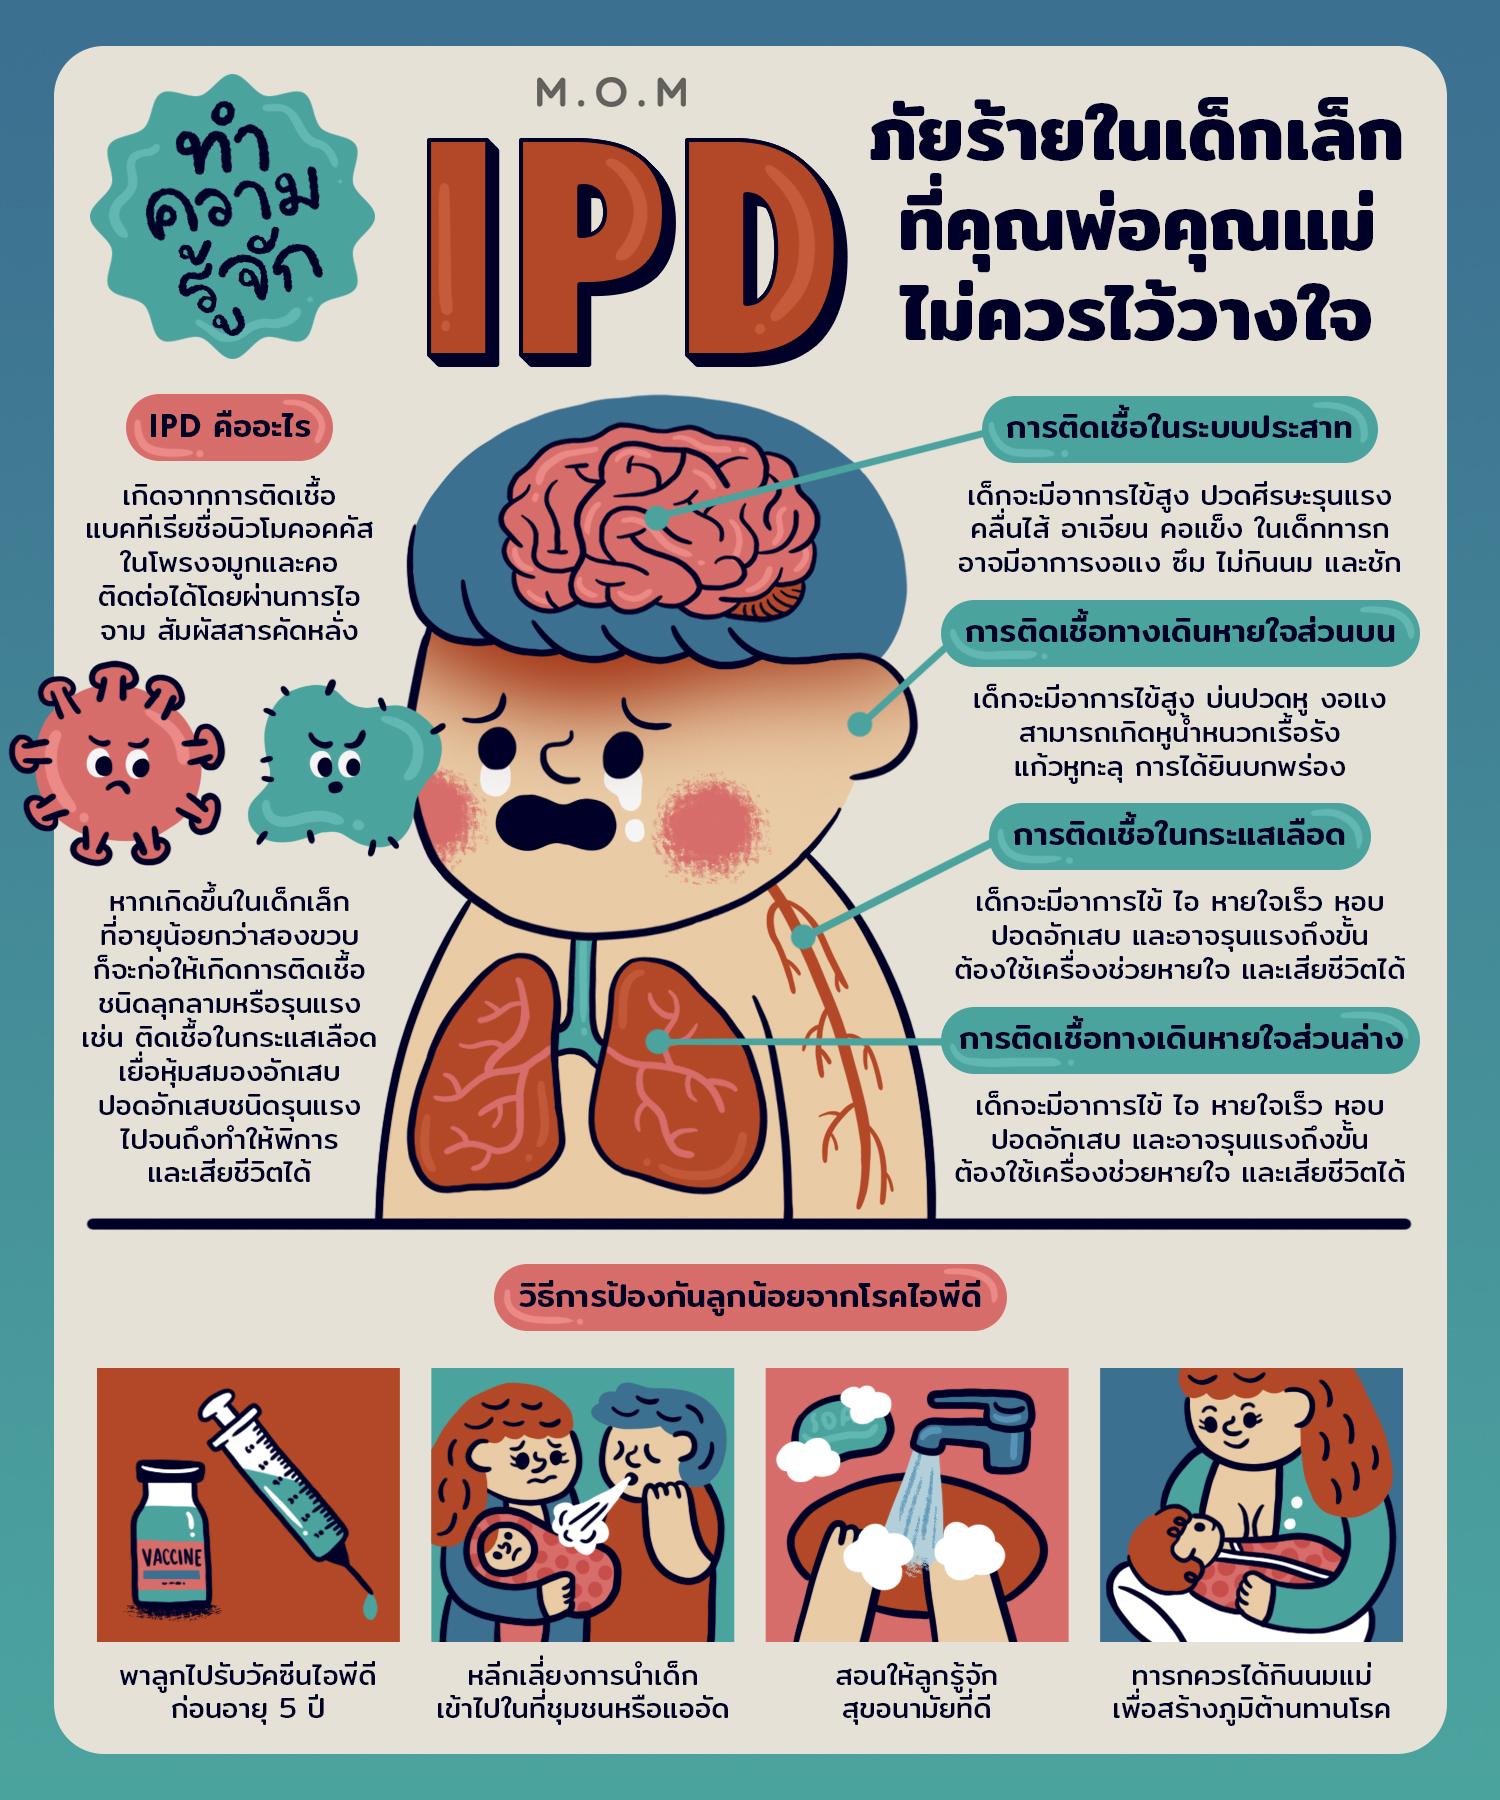 โรคติดเชื้อไอพีดี IPD ภัยร้ายในเด็กเล็ก IPD ภัยร้ายในเด็กเล็ก